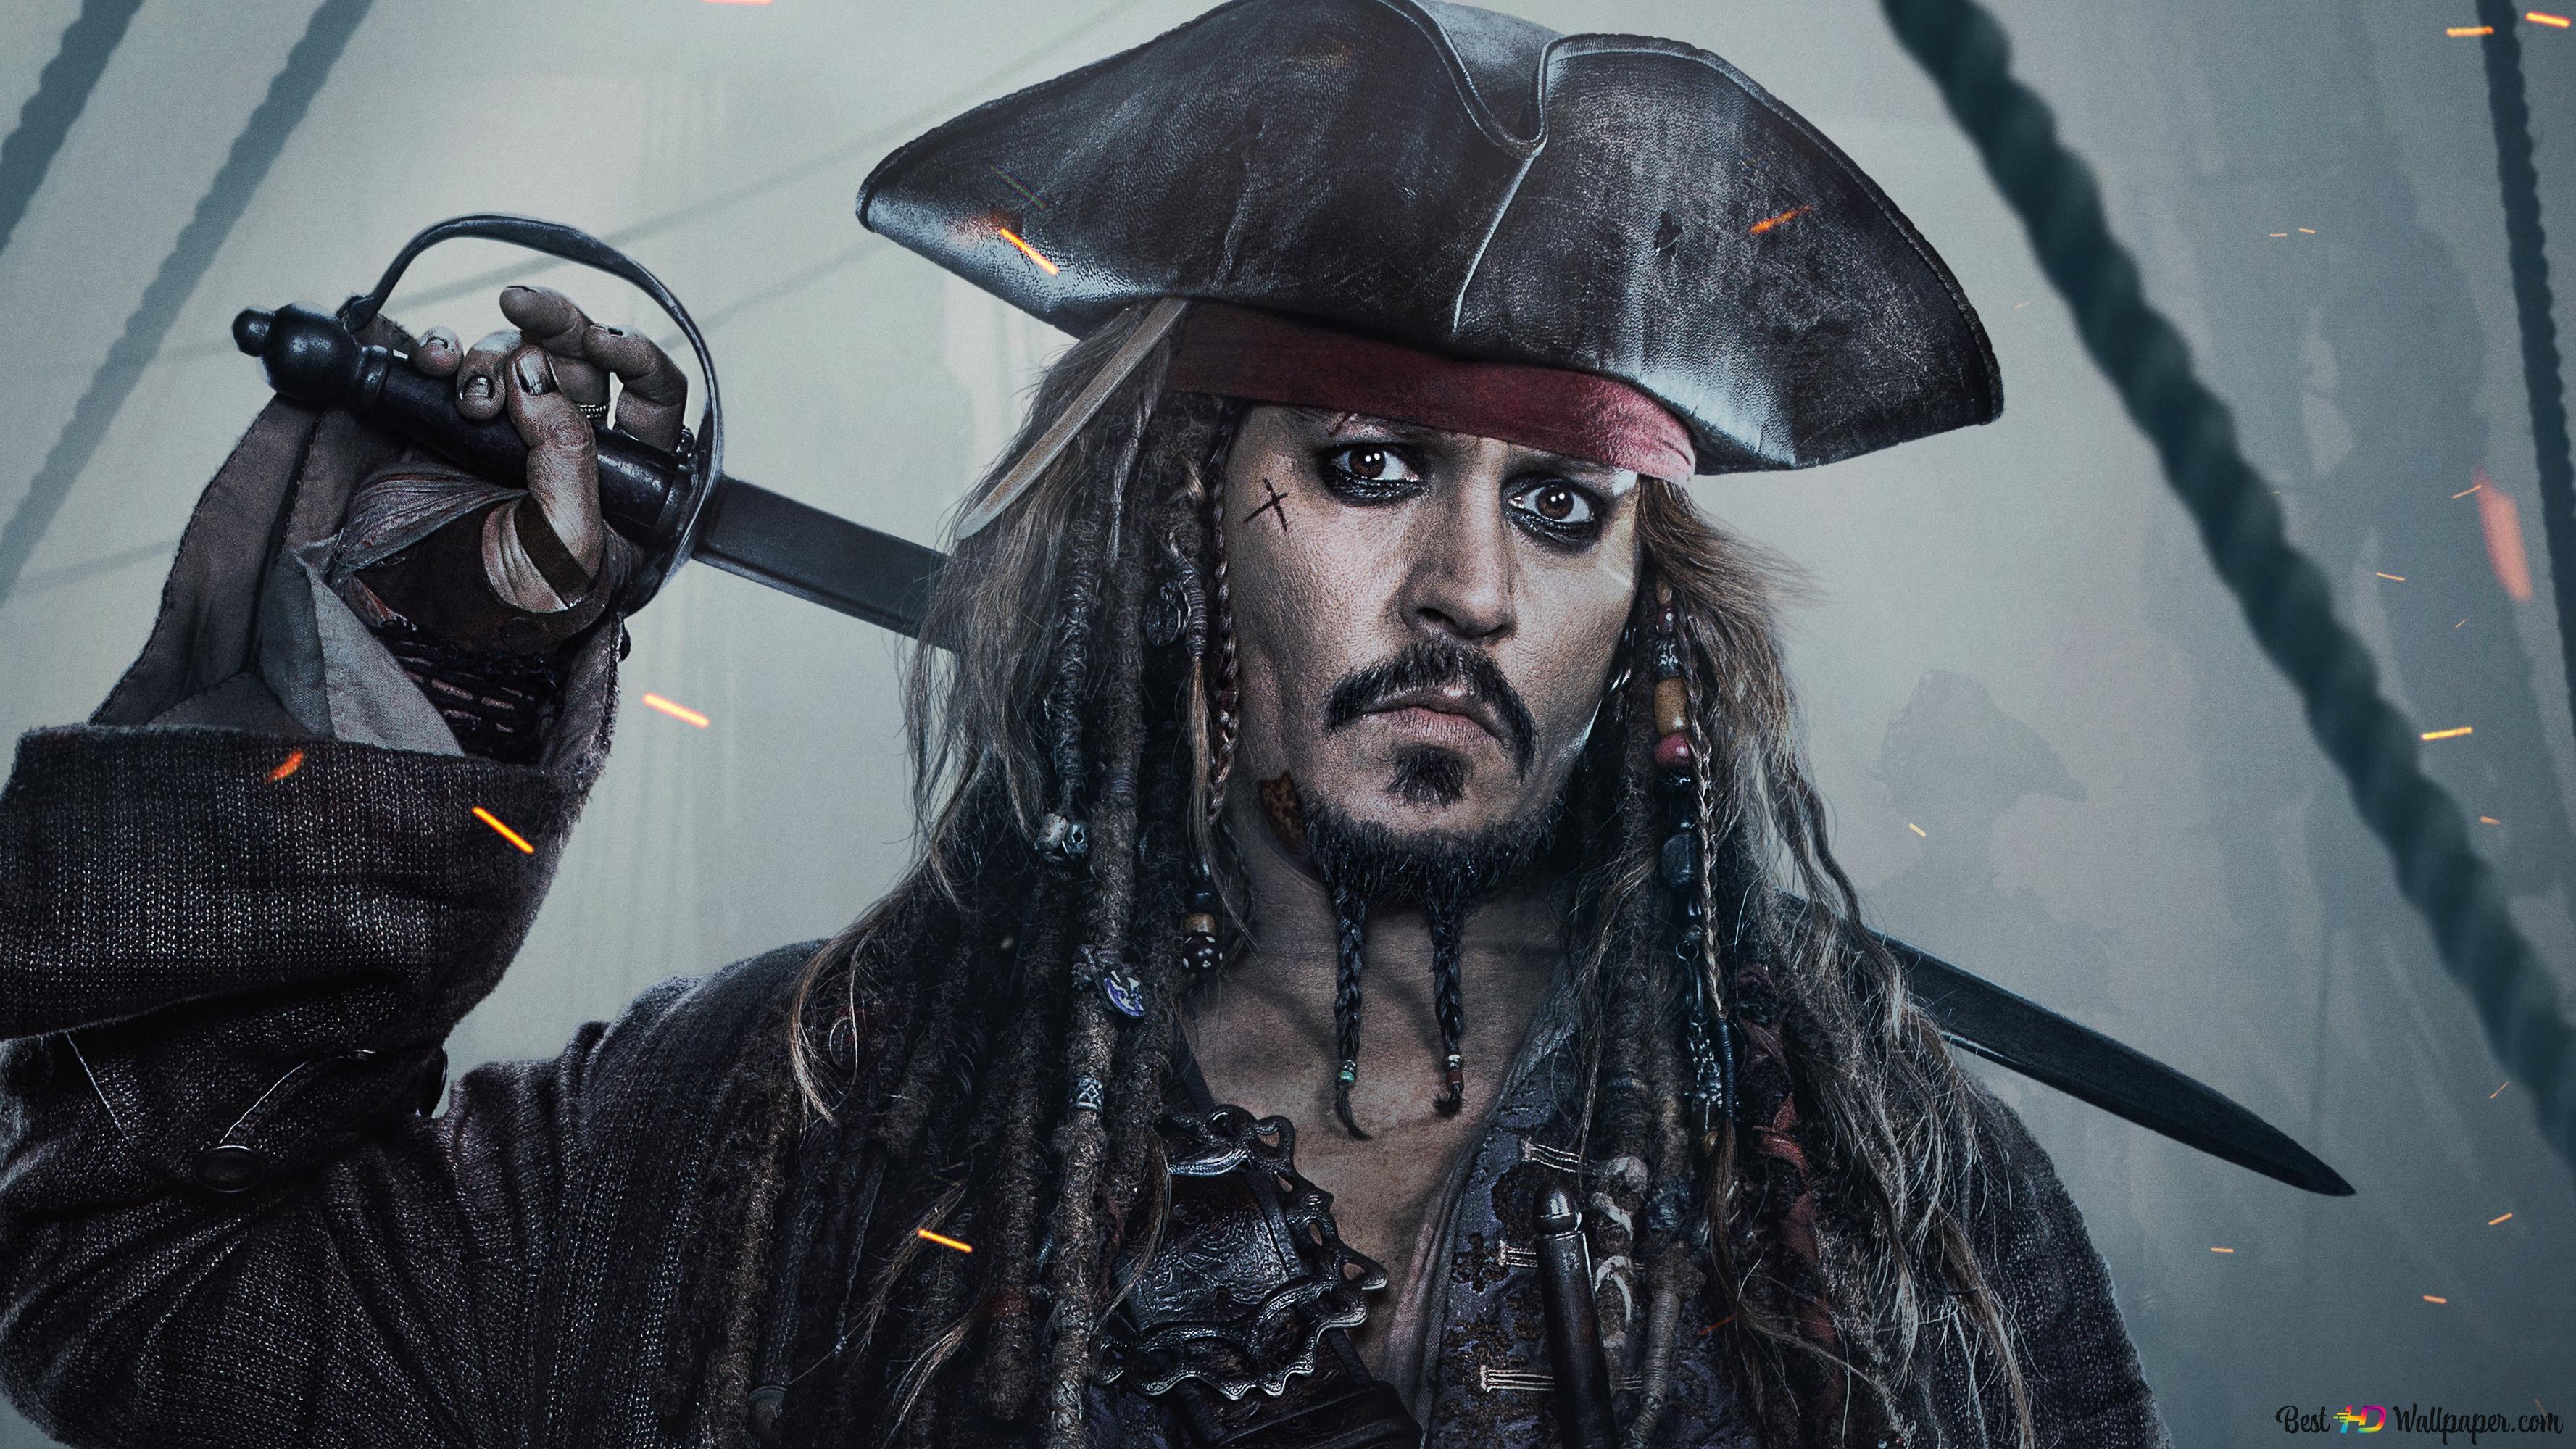 大尉ジャック スパロウ カリブの海賊v Hd壁紙のダウンロード